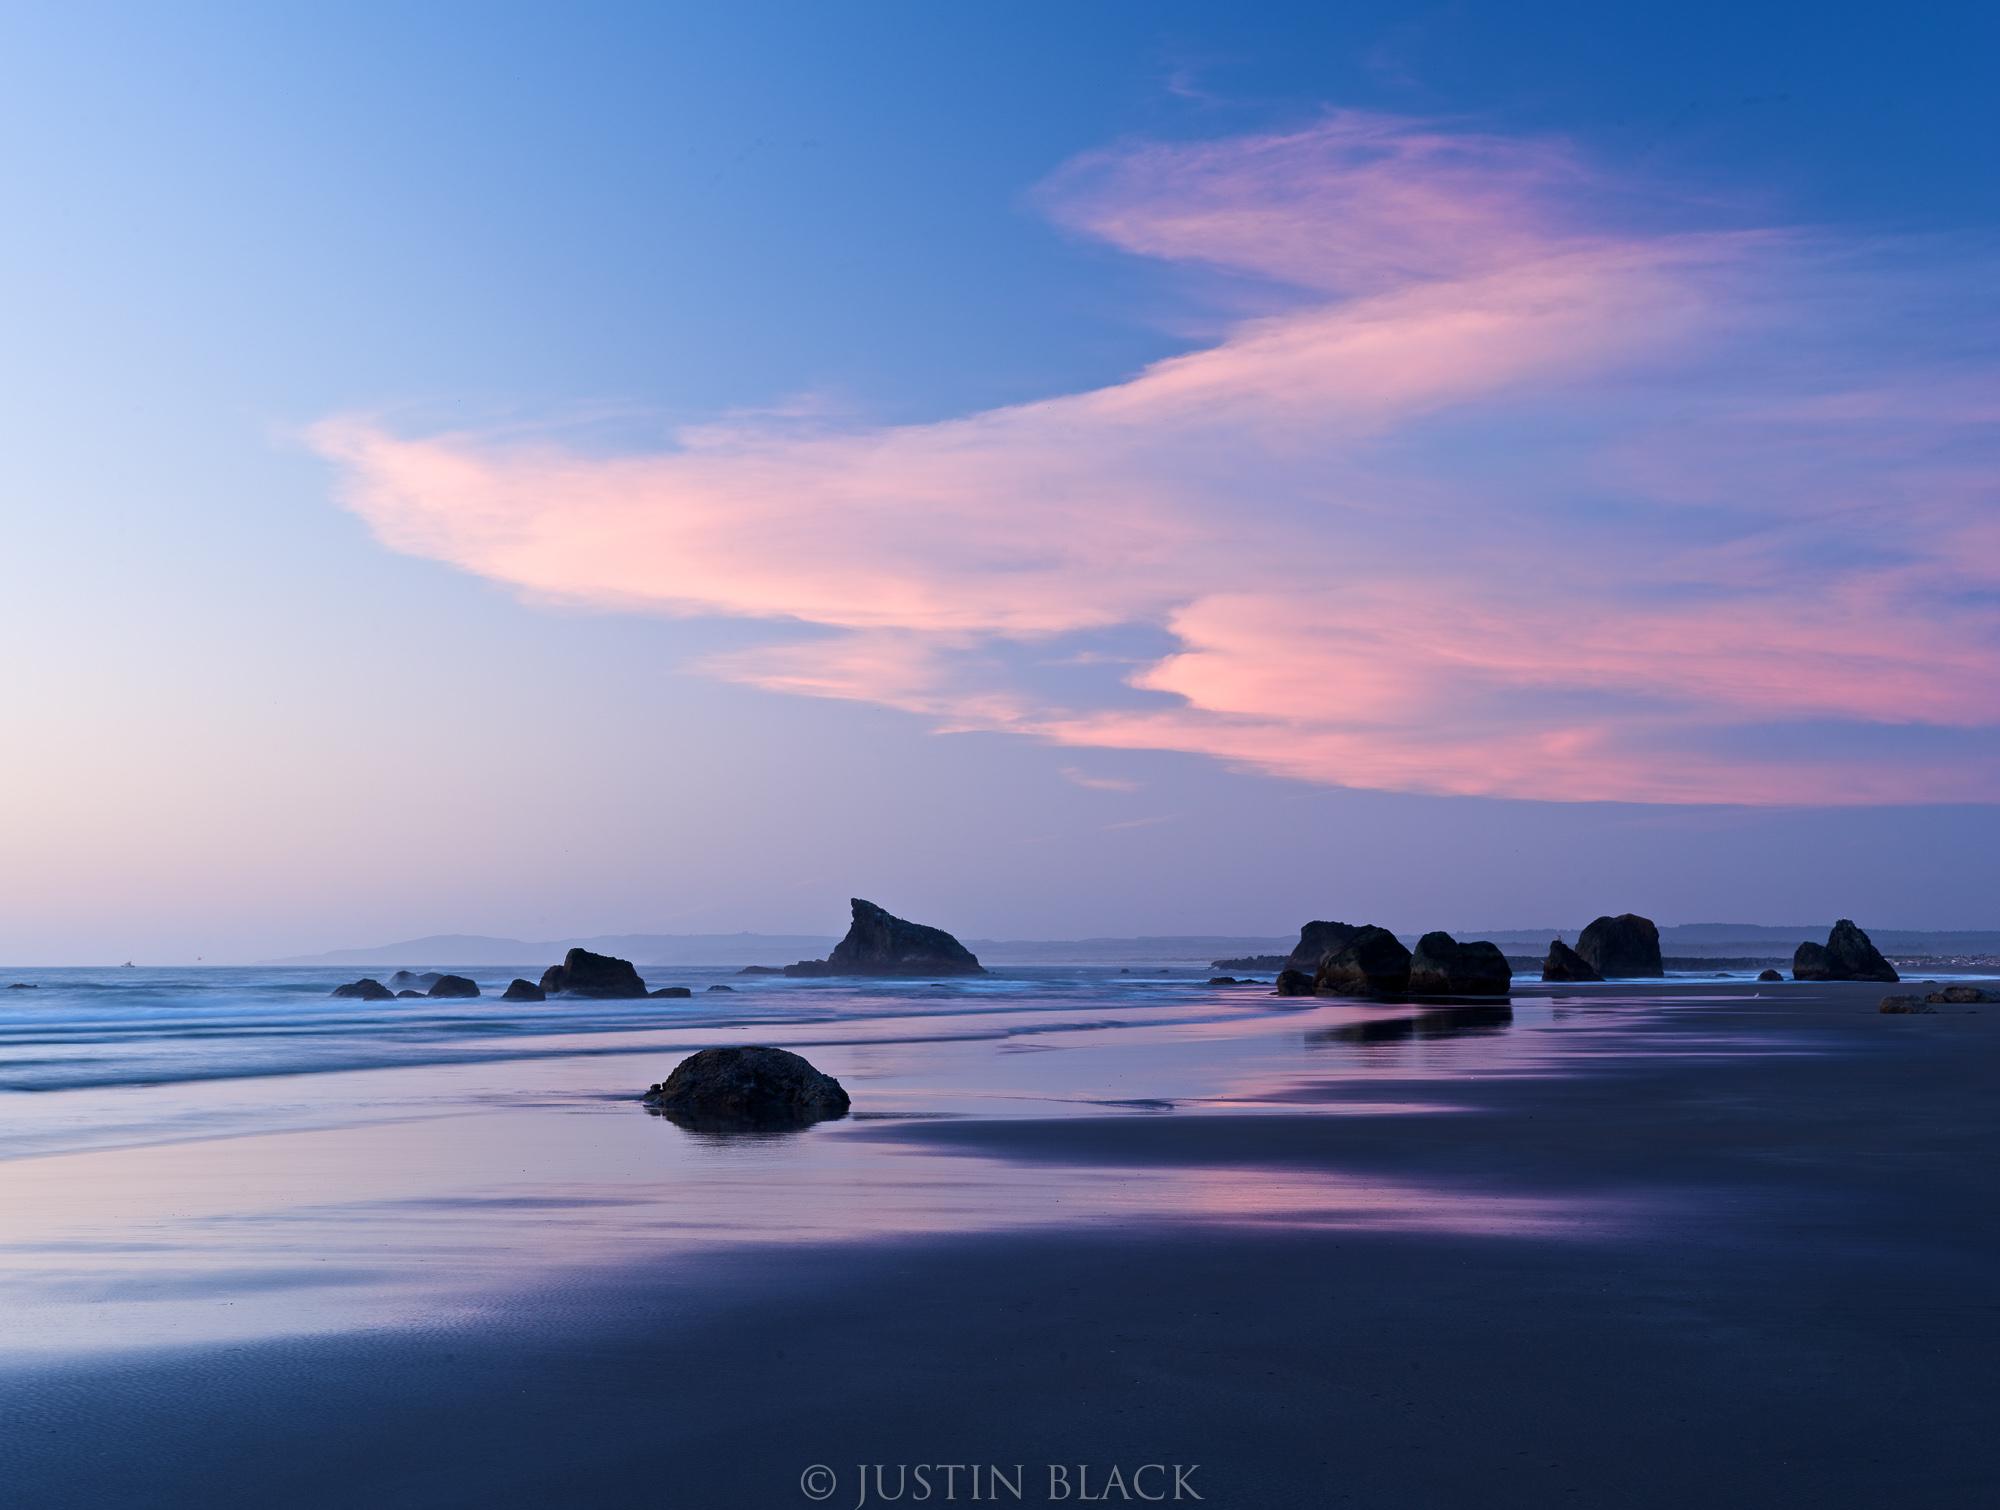 oregon coast photography 1 image